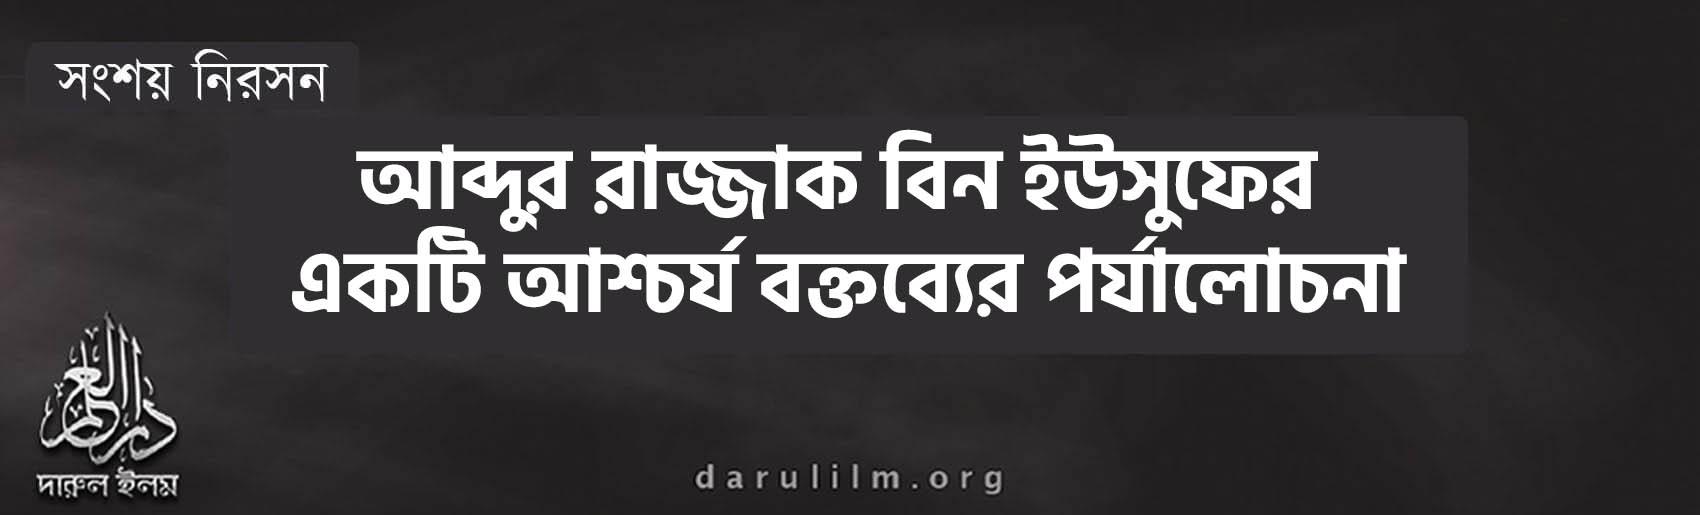 আব্দুর রাজ্জাক বিন ইউসুফের একটি আশ্চর্য বক্তব্যের পর্যালোচনা